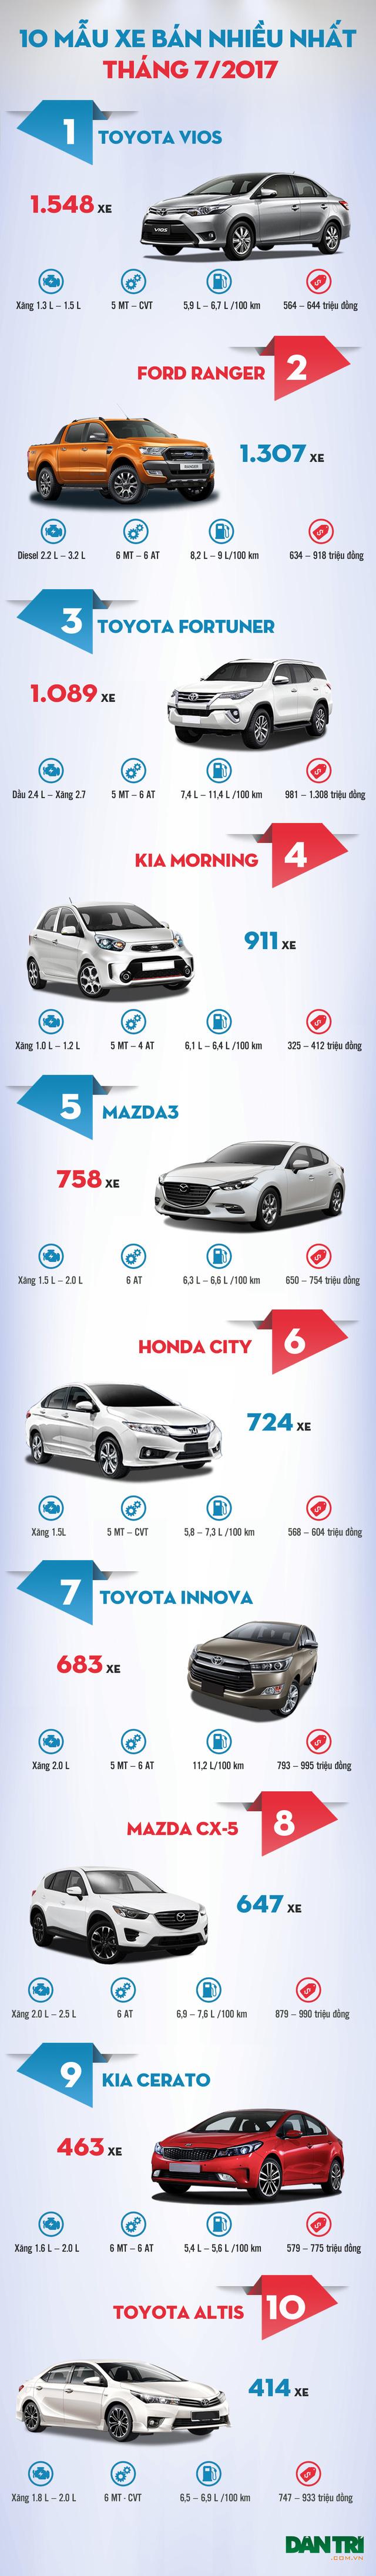 top 10 mau xe ban nhieu nhat thang 72017